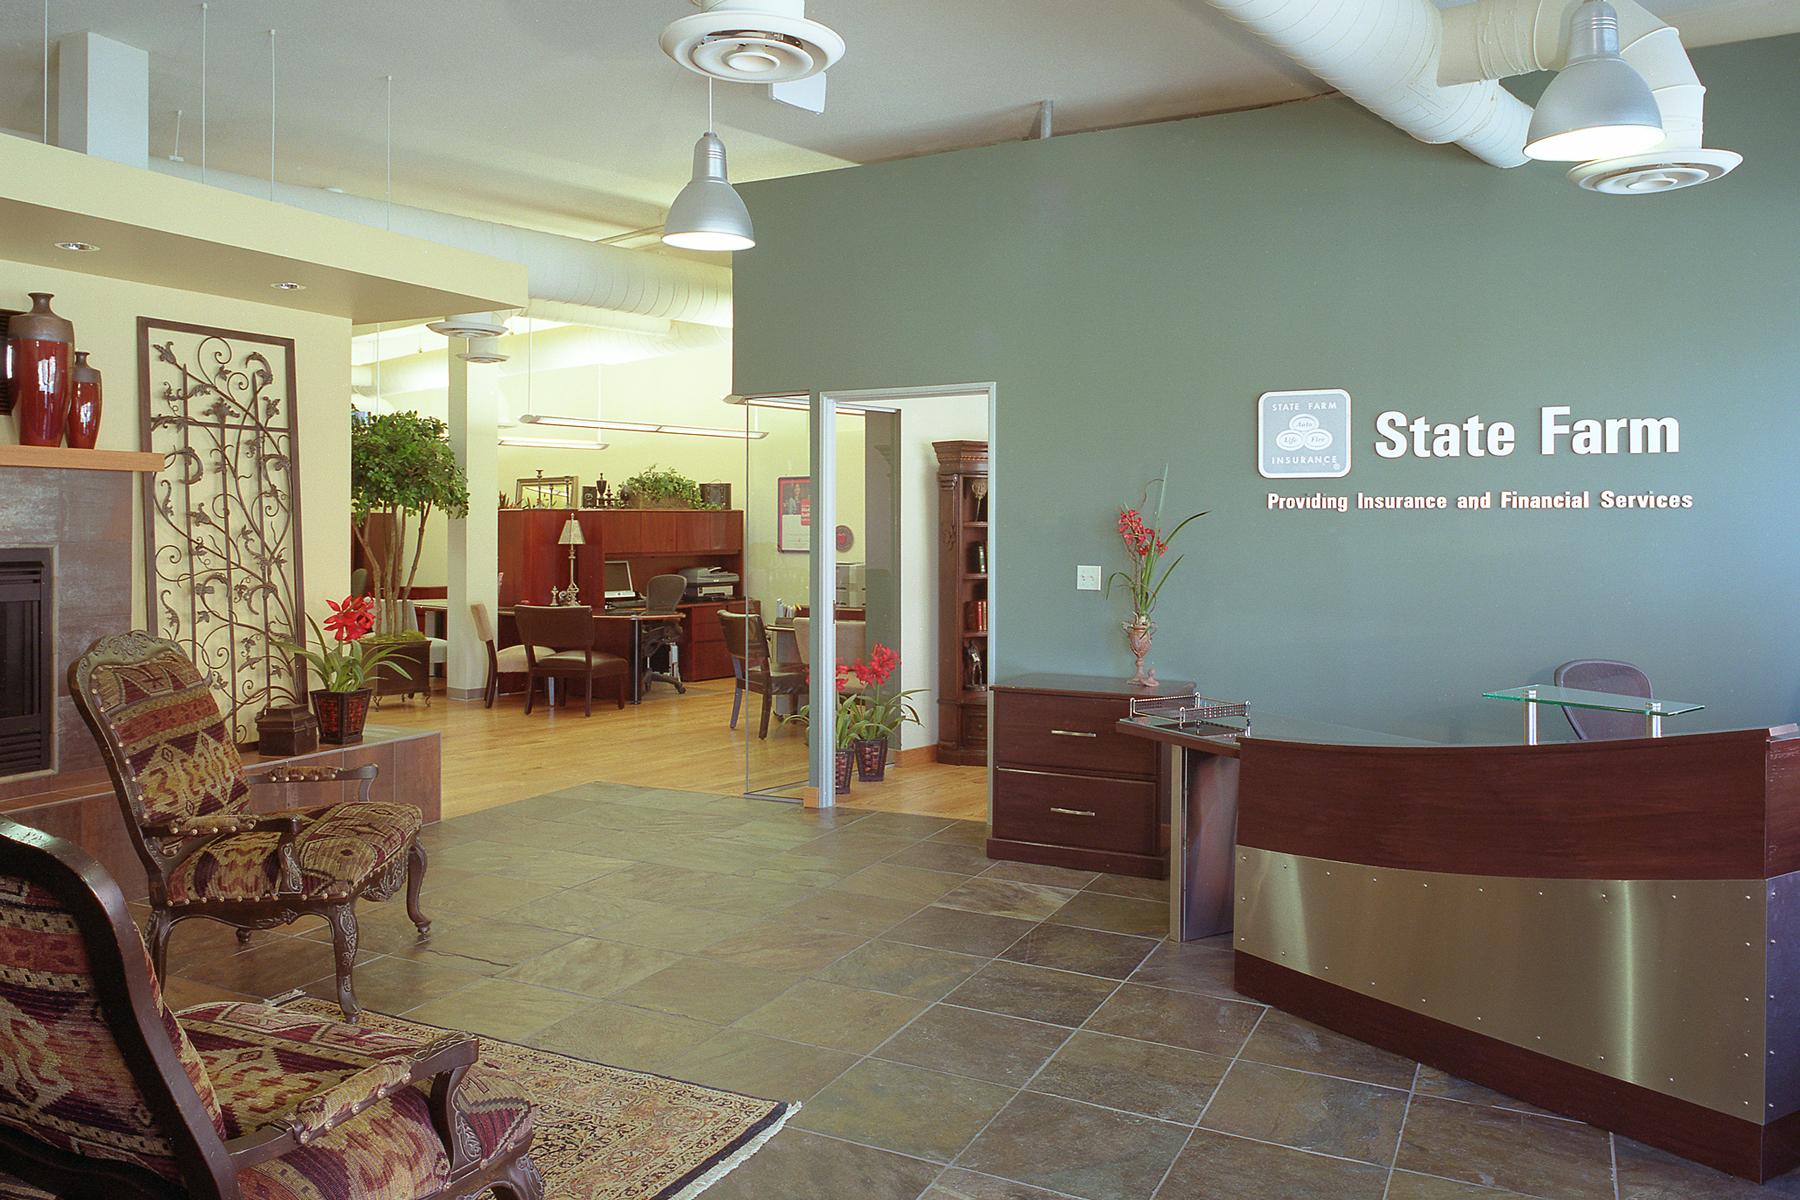 State Farm Commercial Office Buildout Denver